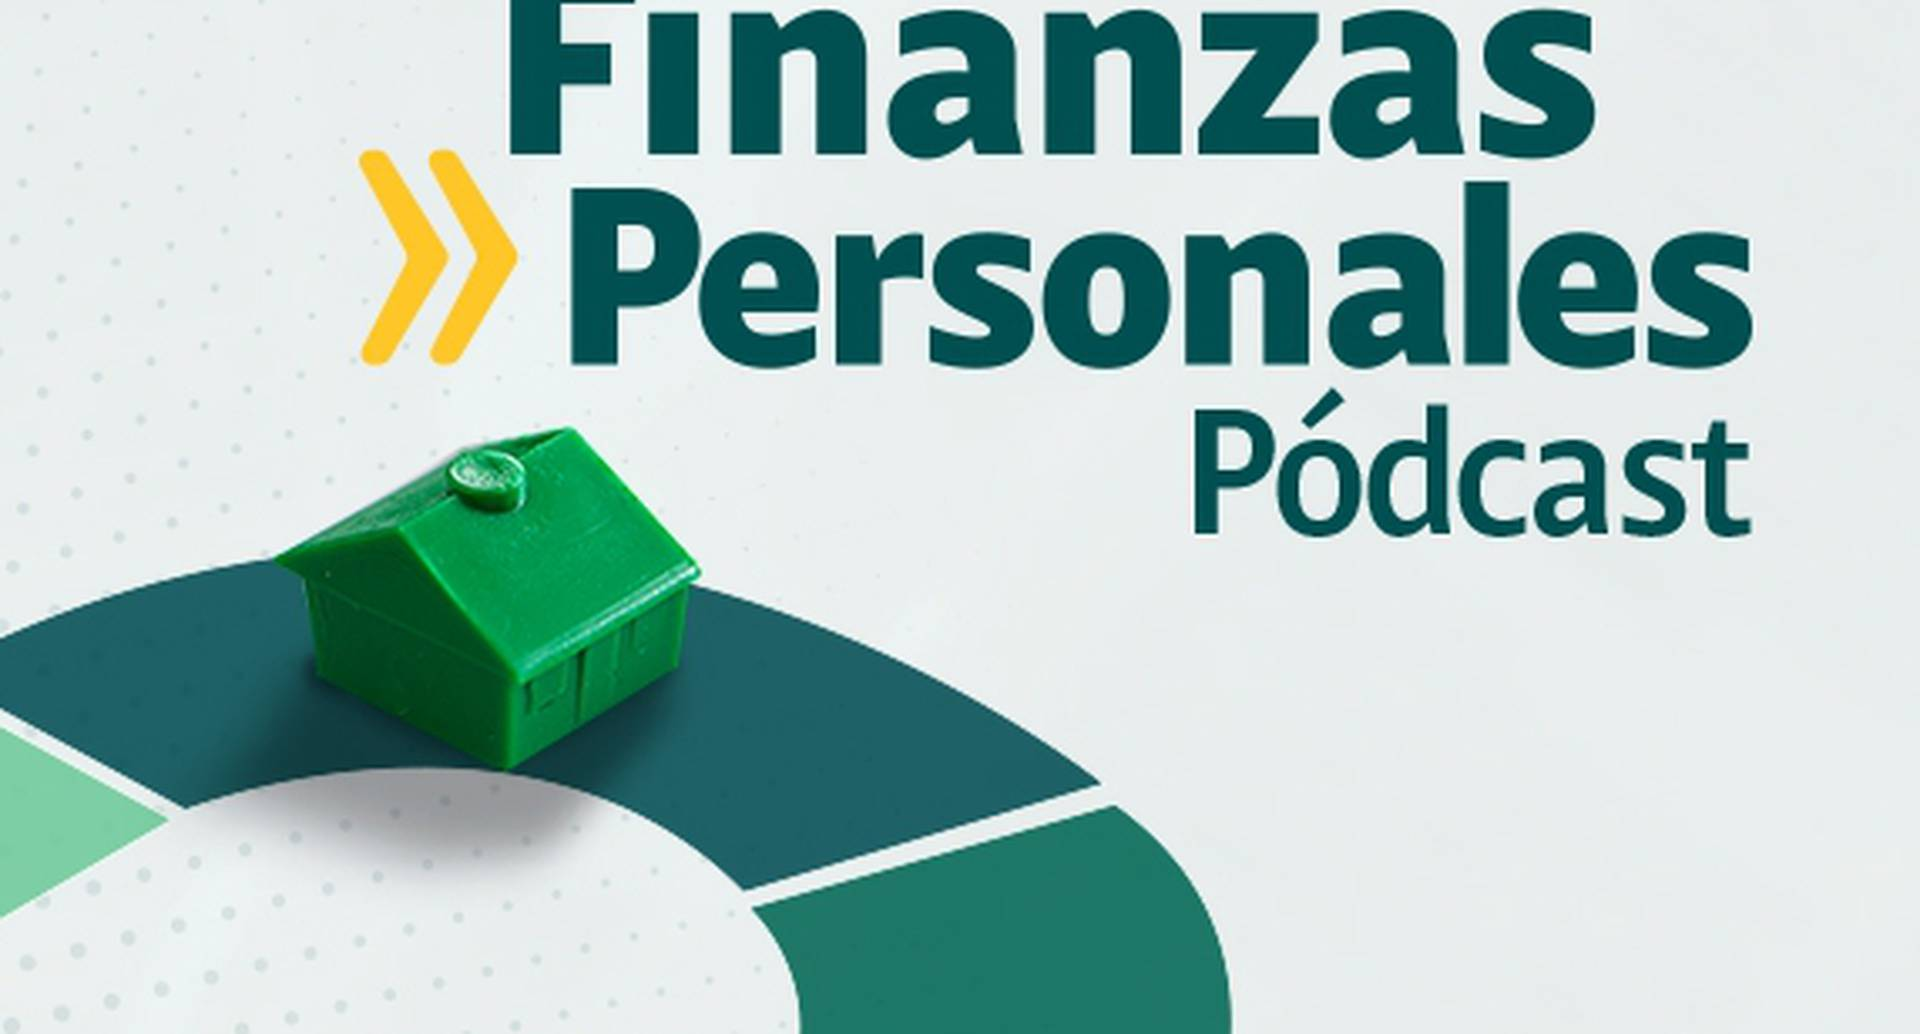 Finanzas personales: un pódcast que le ayudará a cuidar su bolsillo